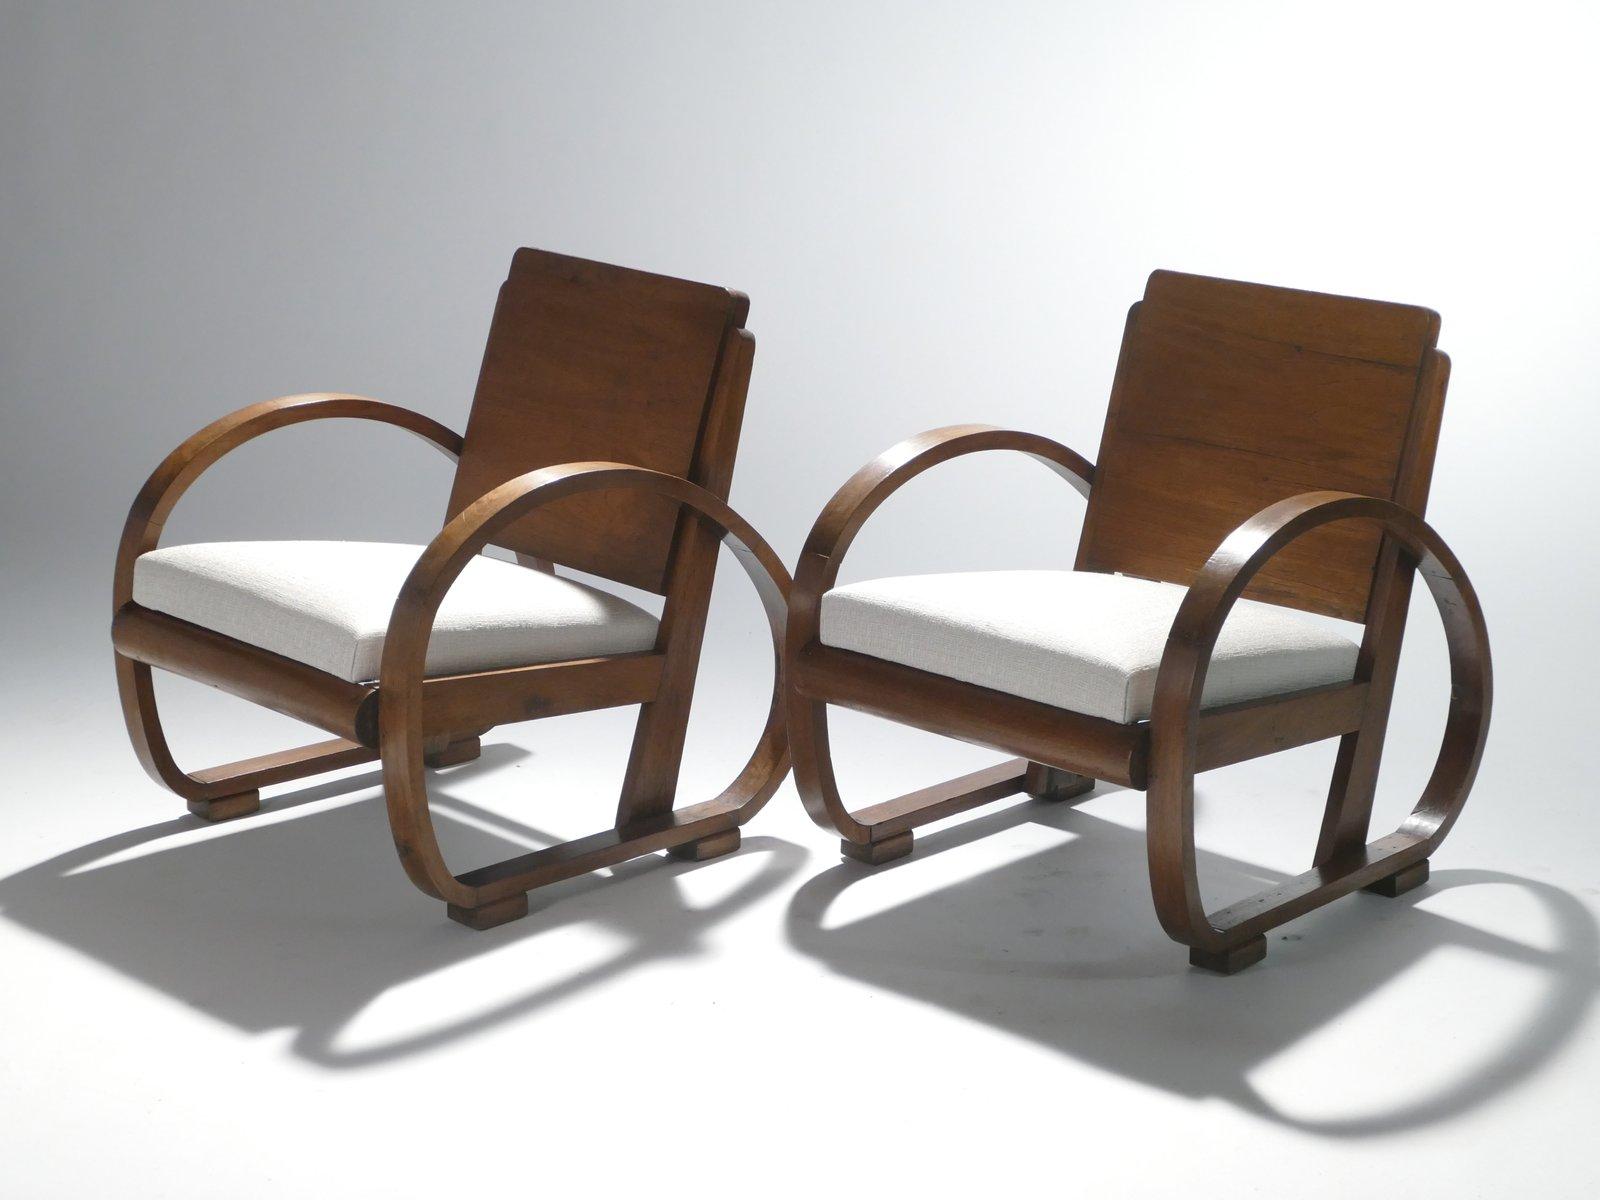 moderne sessel von michel dufet 1940er 2er set bei pamono kaufen. Black Bedroom Furniture Sets. Home Design Ideas